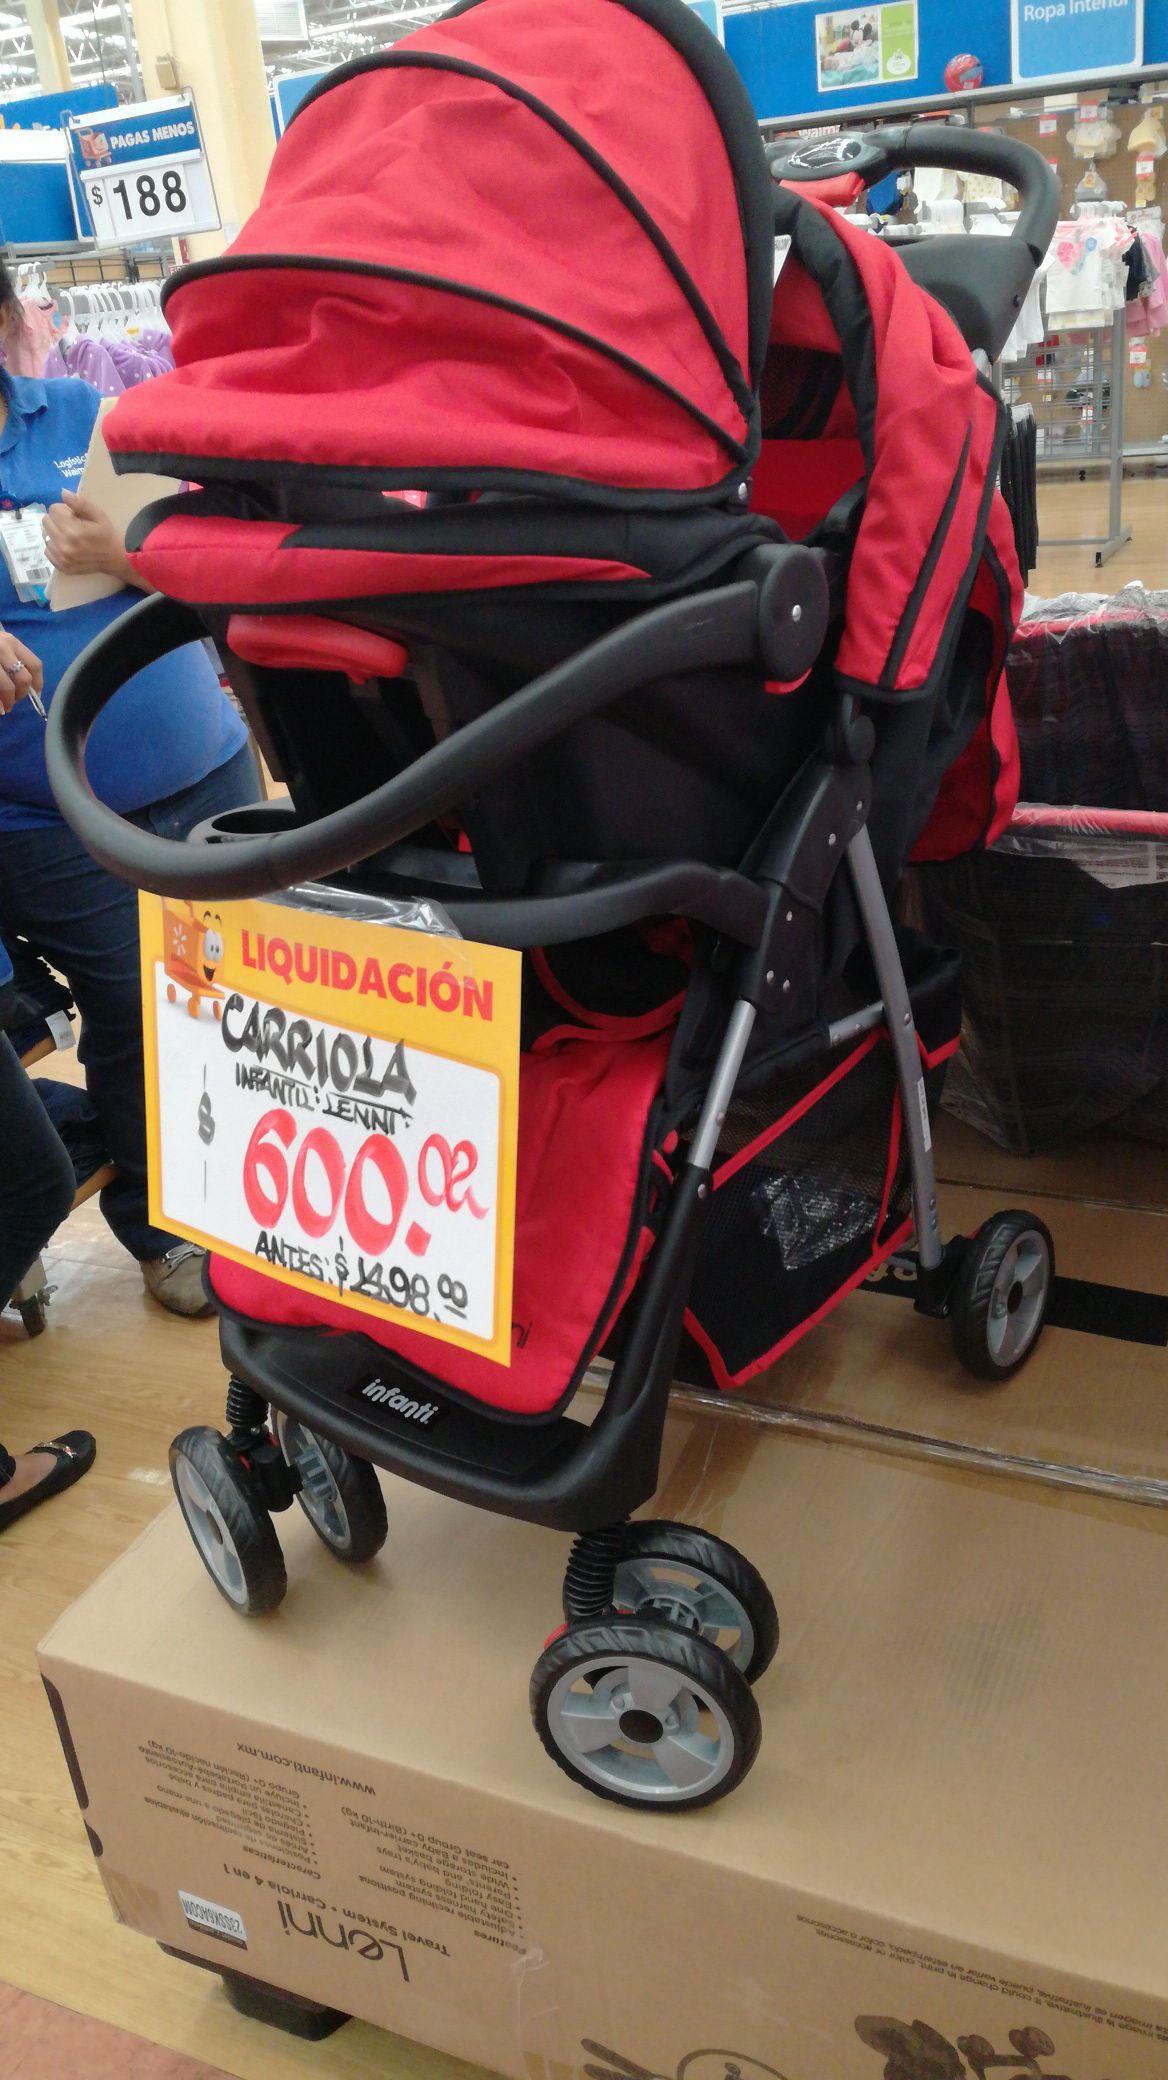 Walmart: Carriola con portabebe, autoasiento y corral